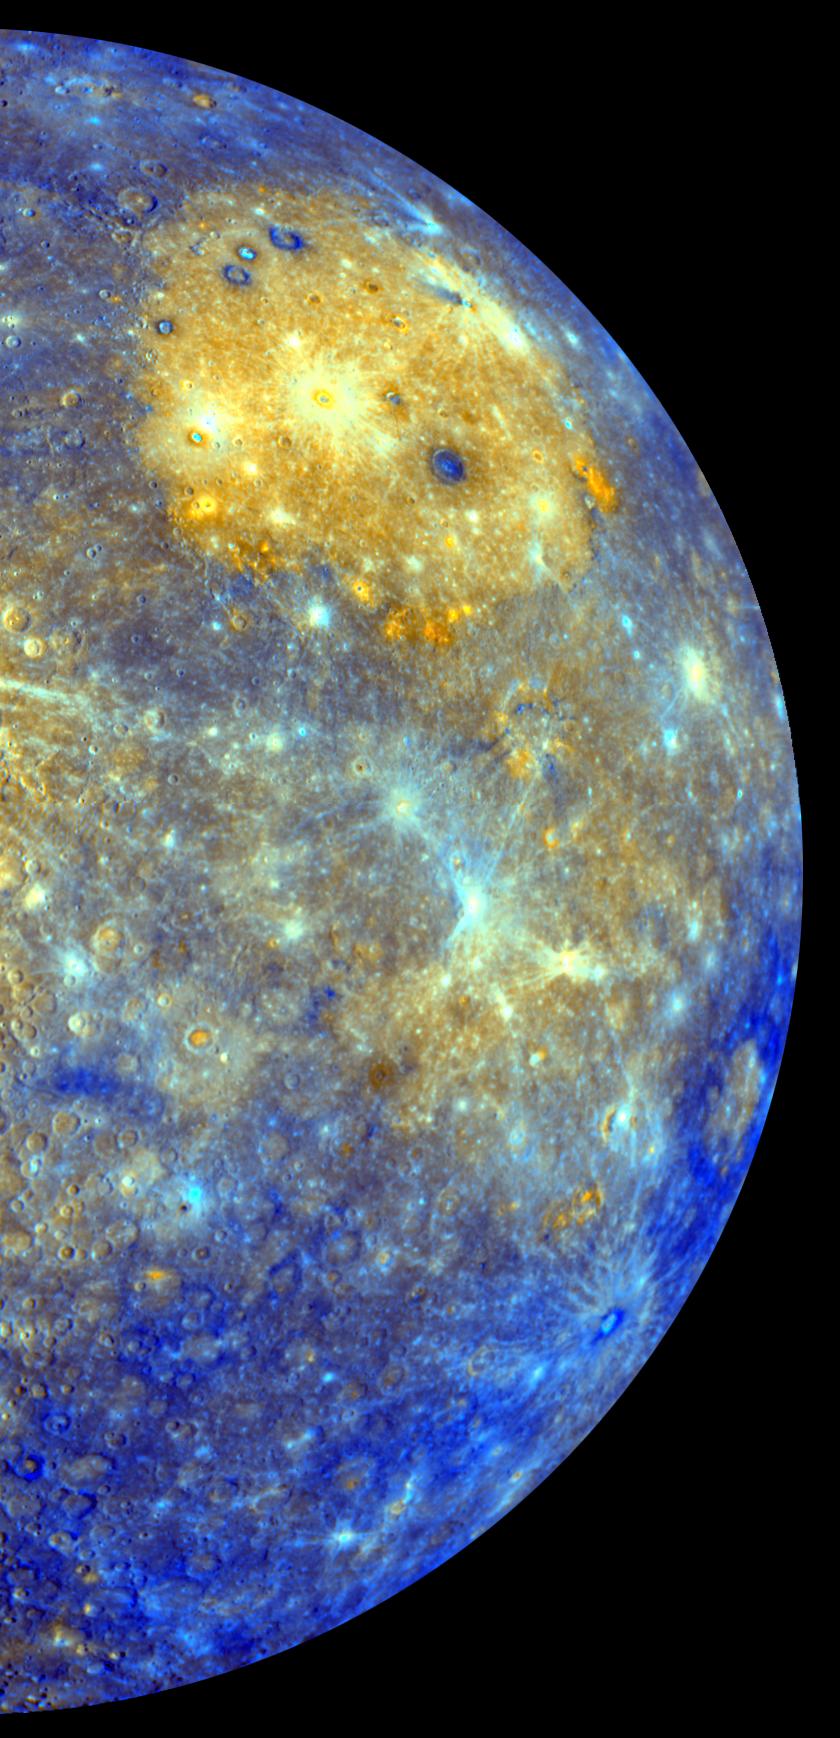 nasa pictures of mercury - photo #28